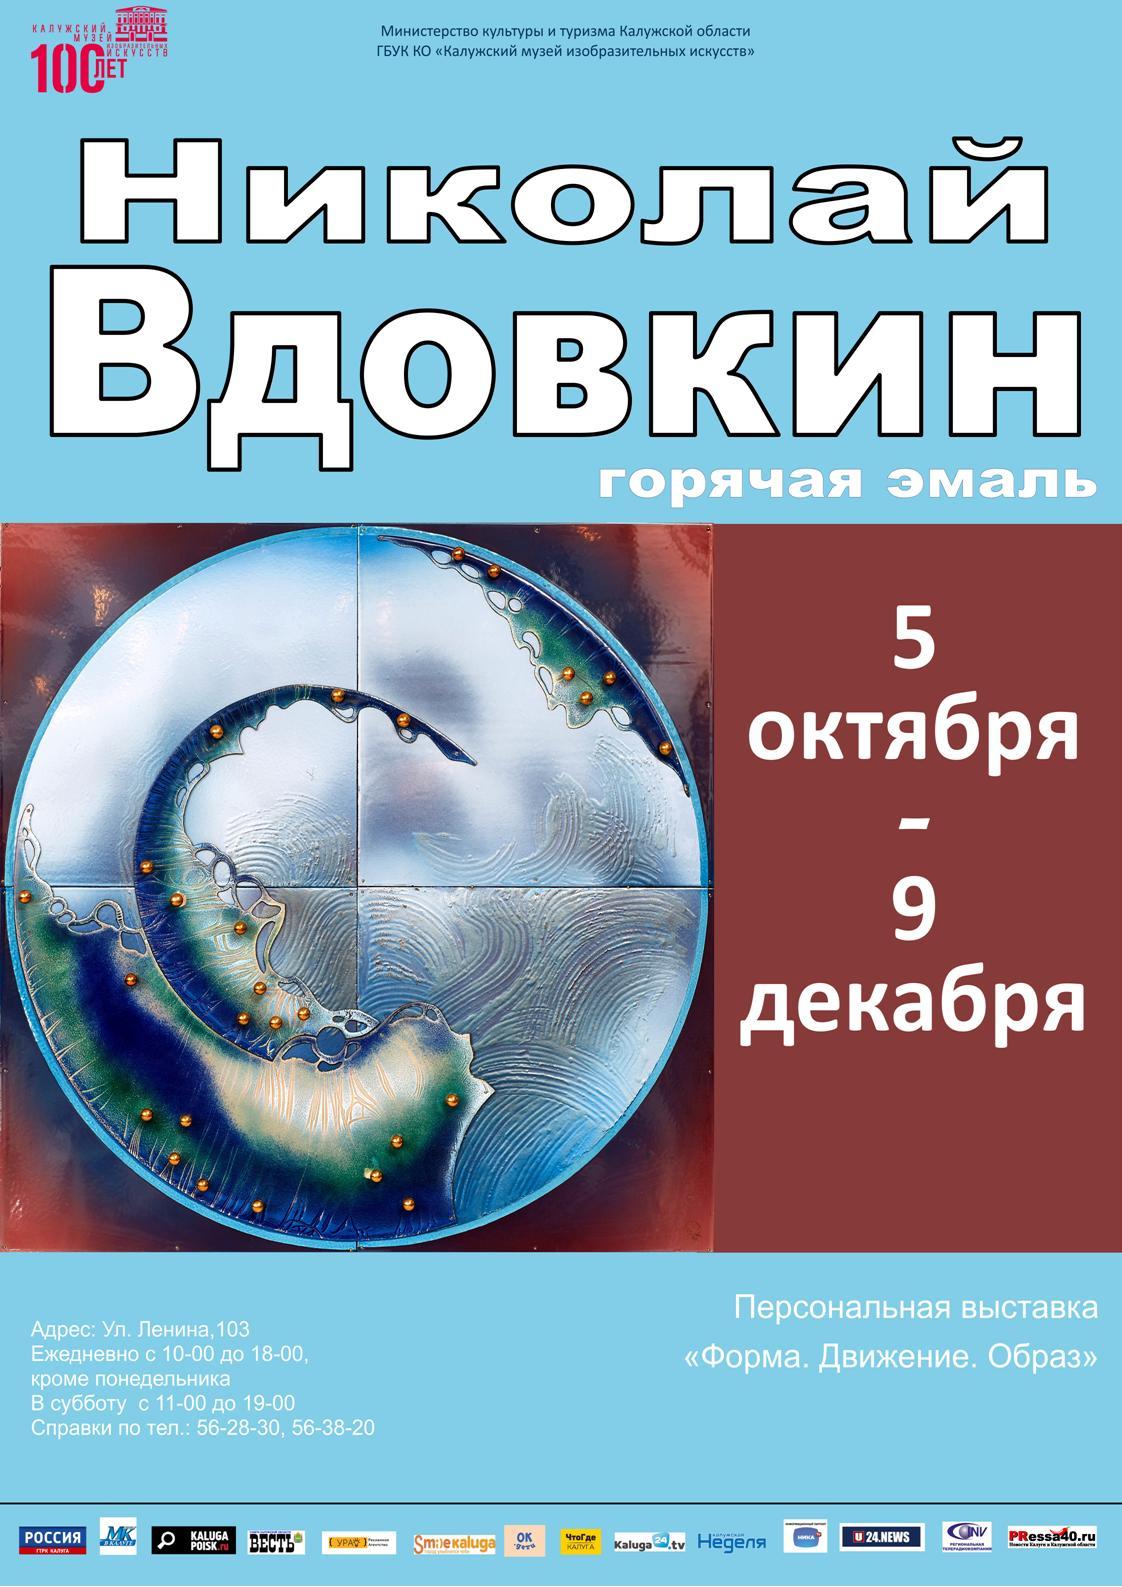 Выставки эмальера Николая Вдовкина «Форма. Движение. Образ» в КМИИ